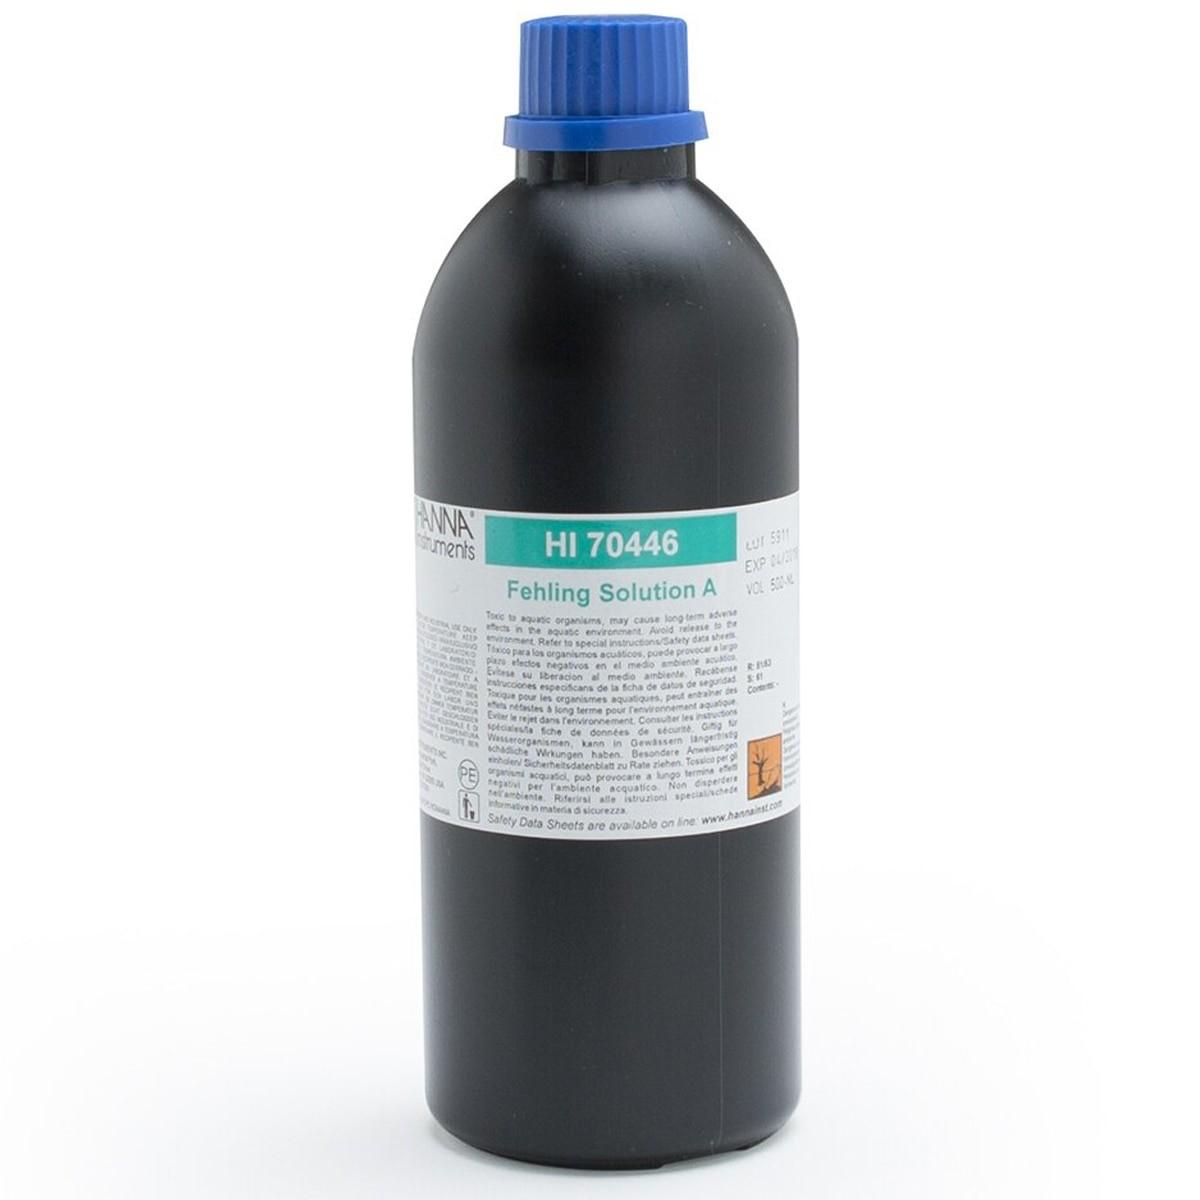 Fehling Solution A, 500 mL - HI70446